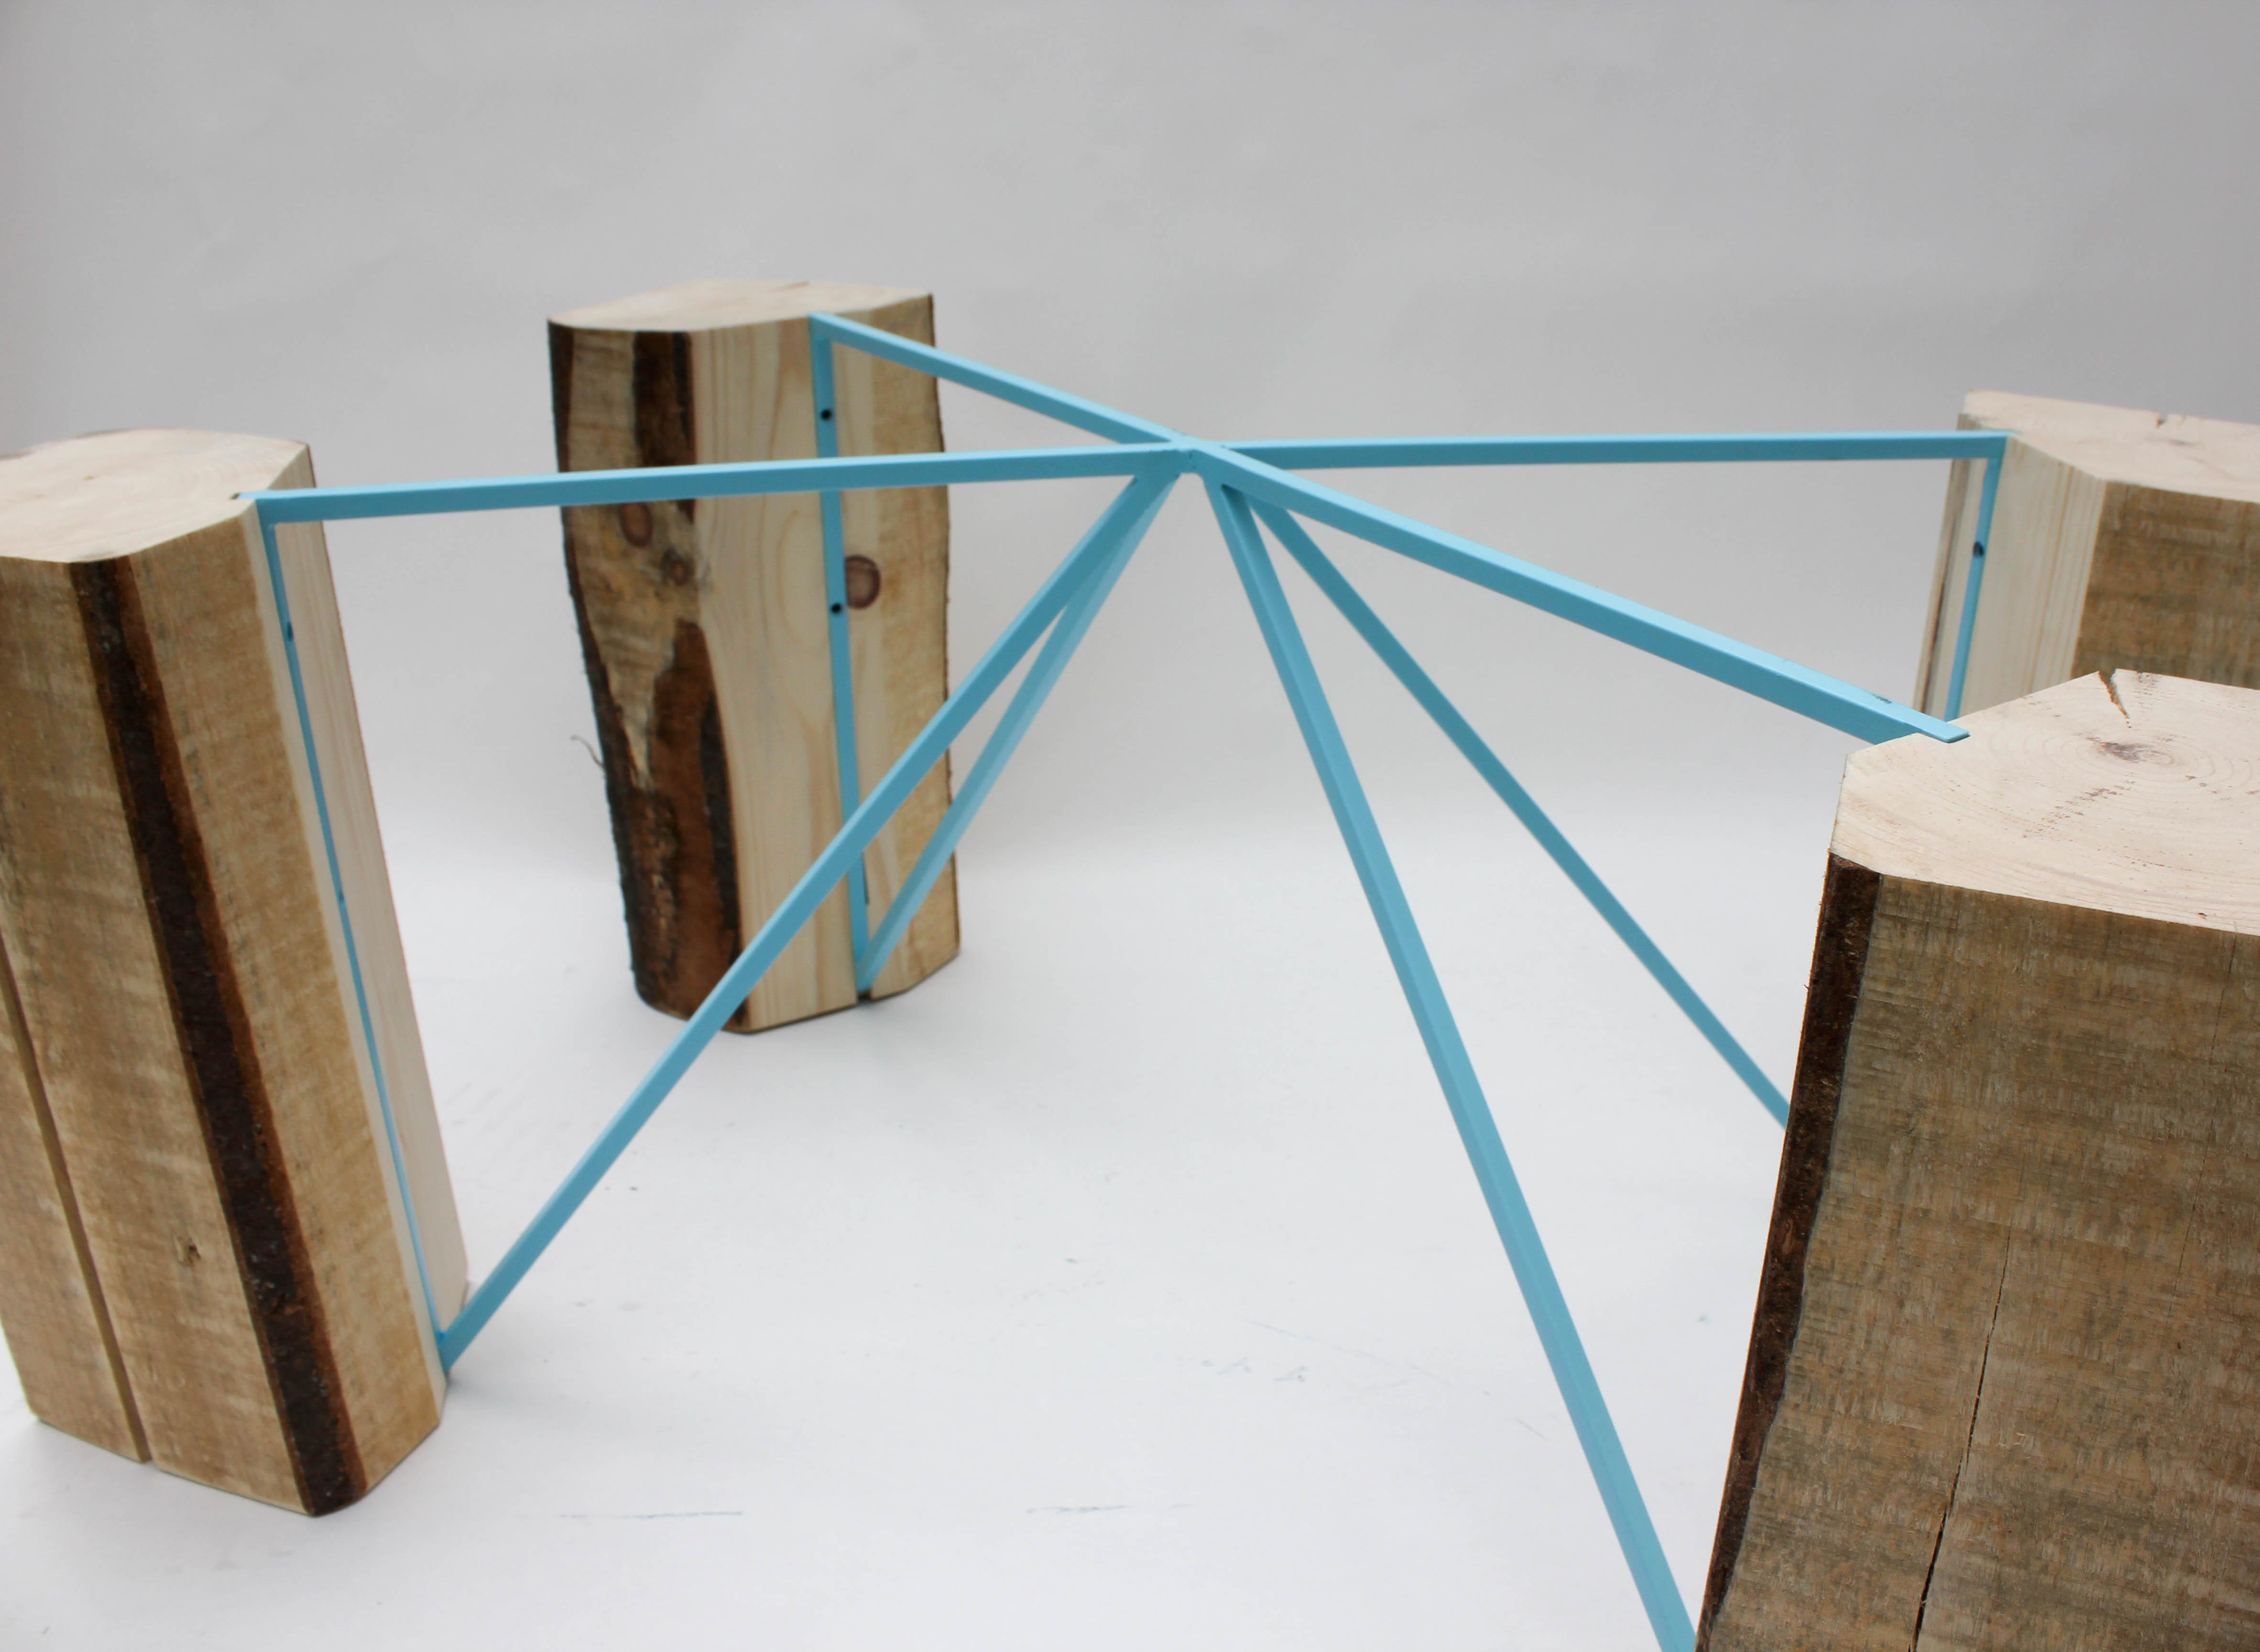 meubles roll 2-10